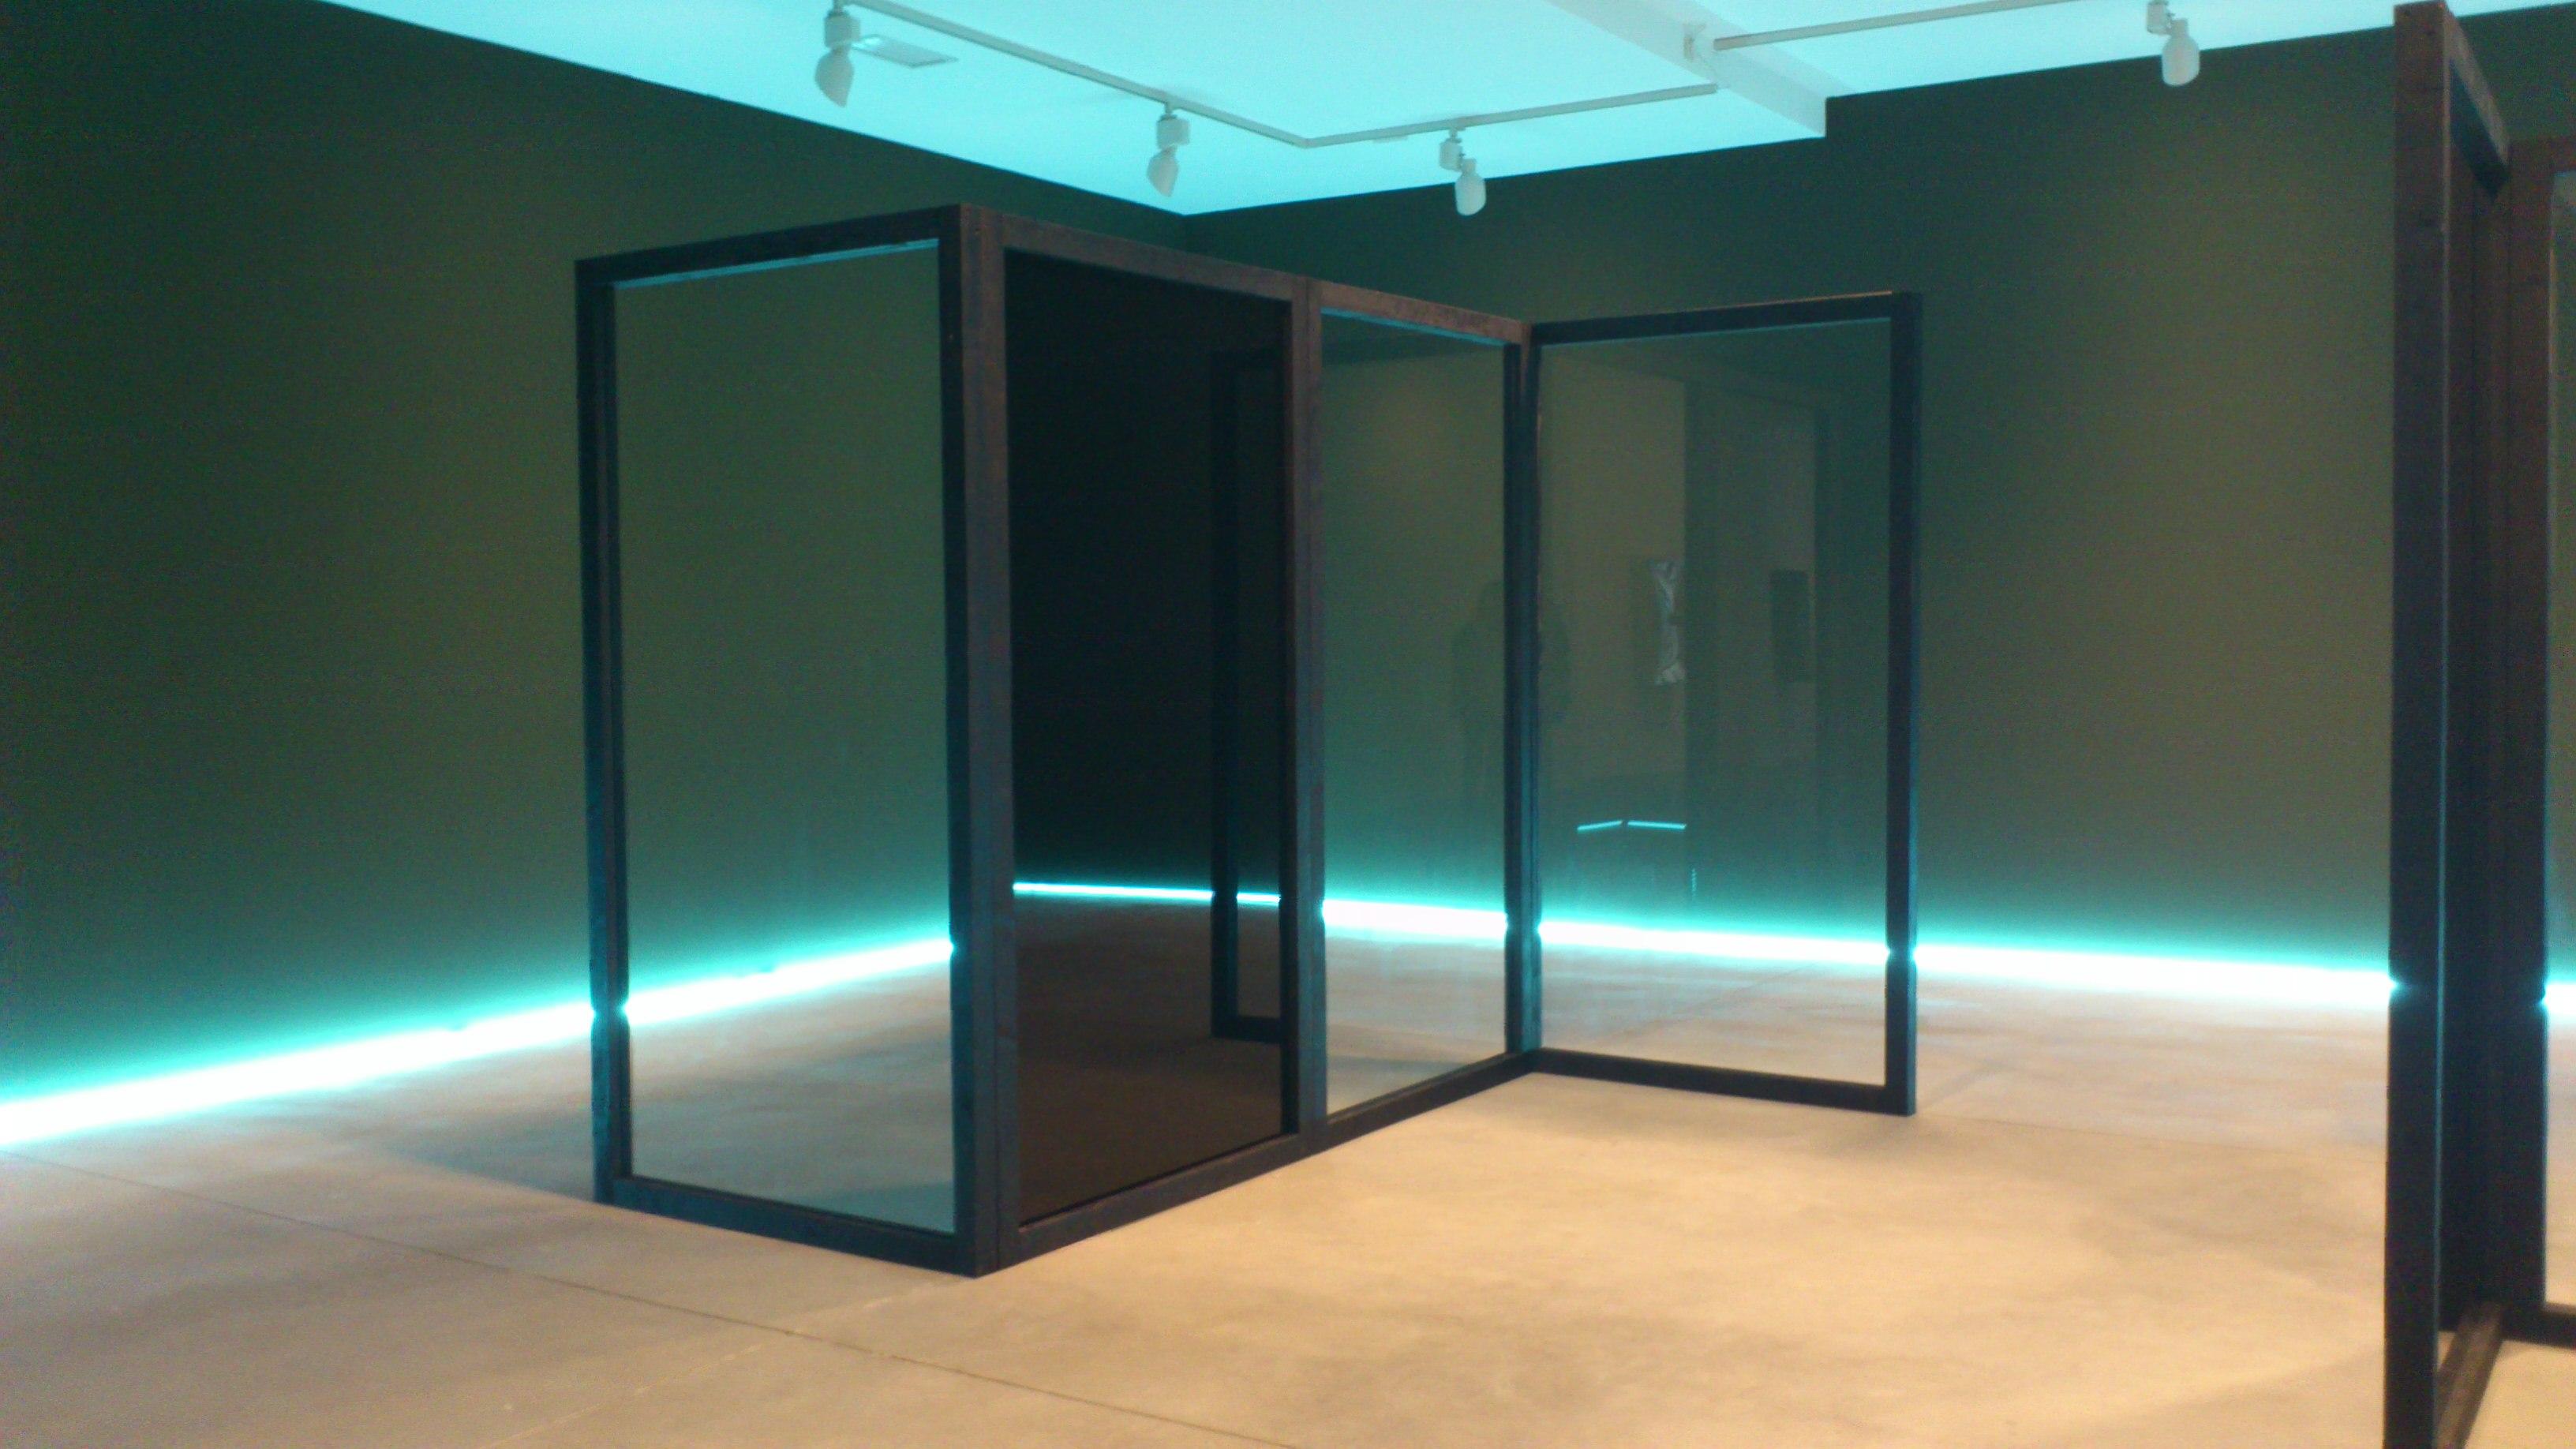 Ata o vindeiro 3 de marzo, a galería SCQ amosa a obra de Lori Hersberger